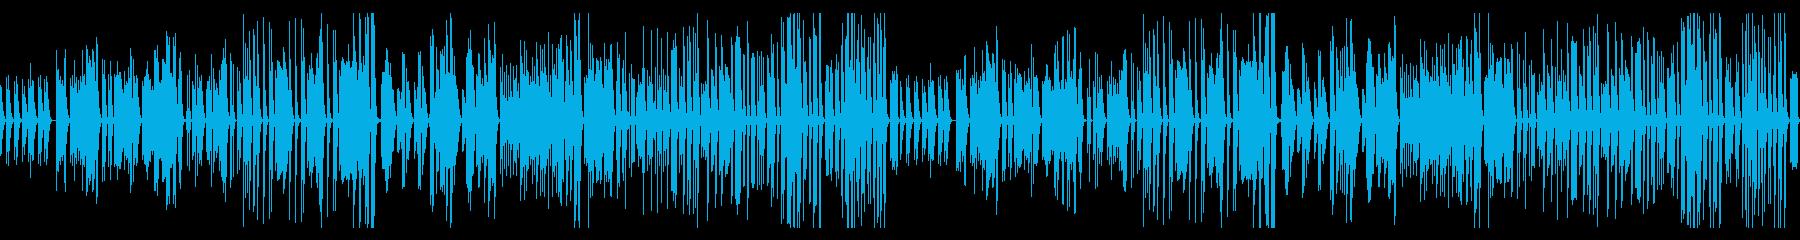 ゆったりシンプルですこしコミカルな曲の再生済みの波形